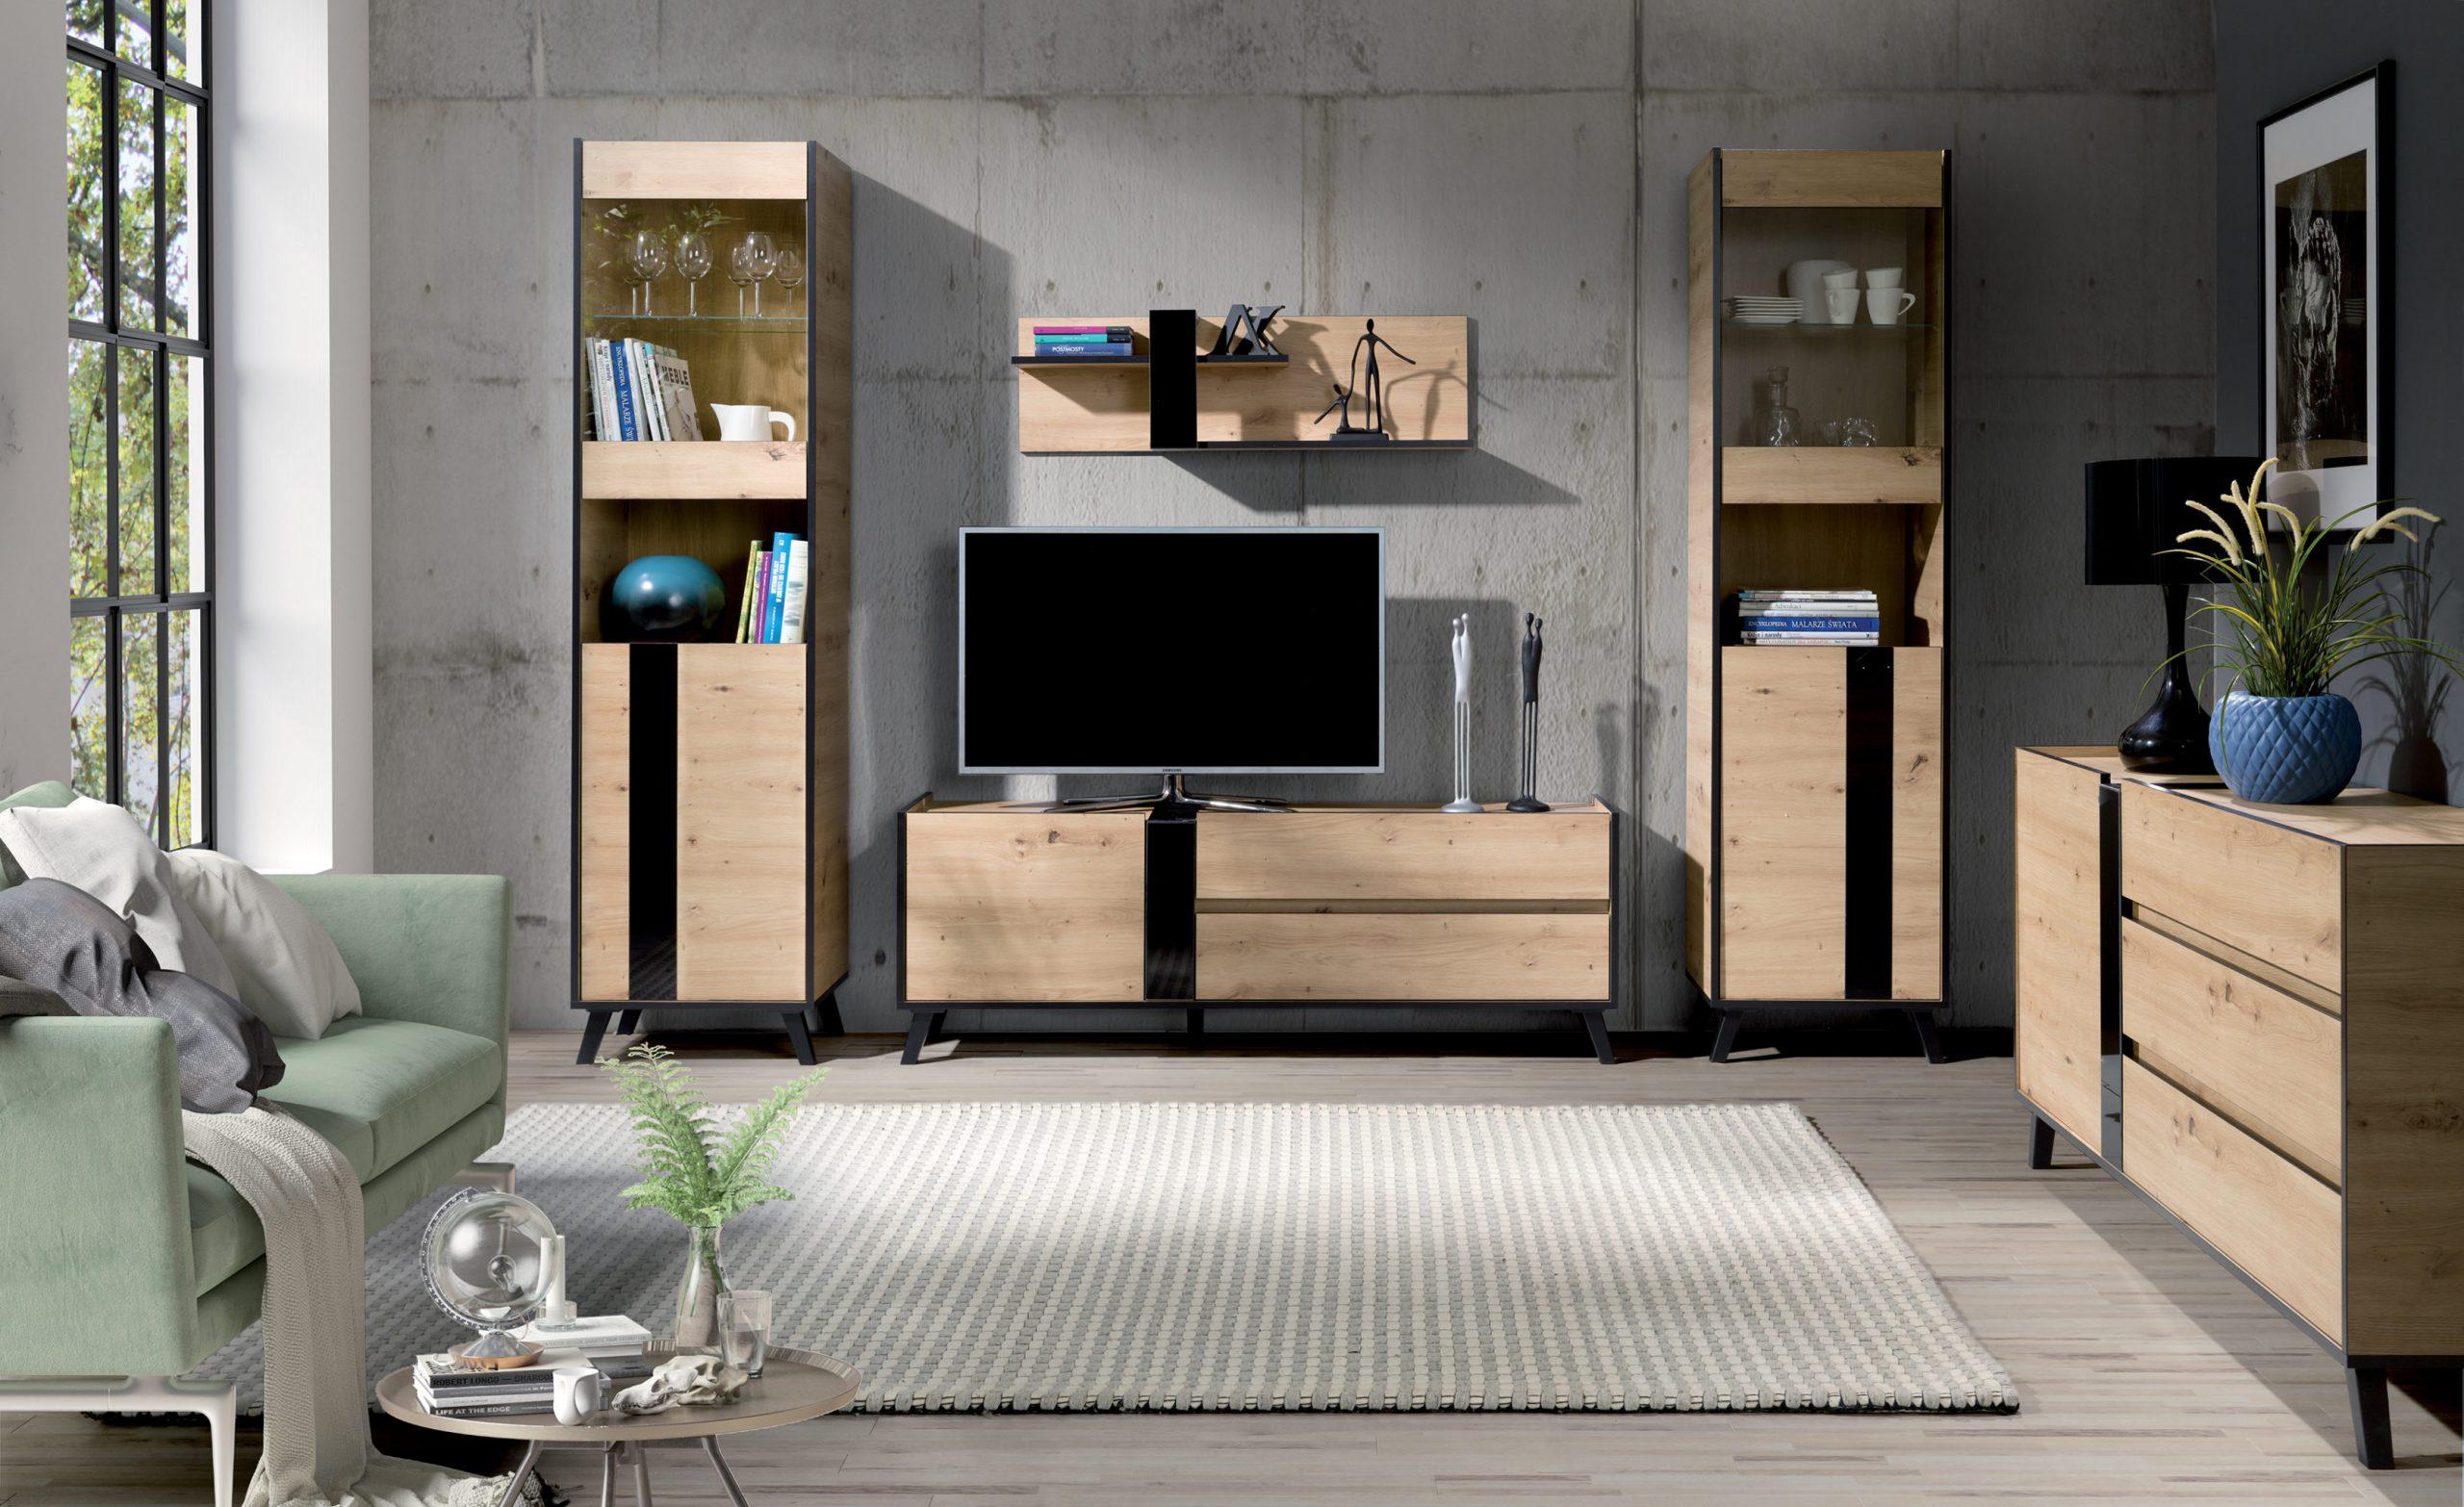 Moderní bytový nábytek Fenix sestava A - Inspirace a fotogalerie